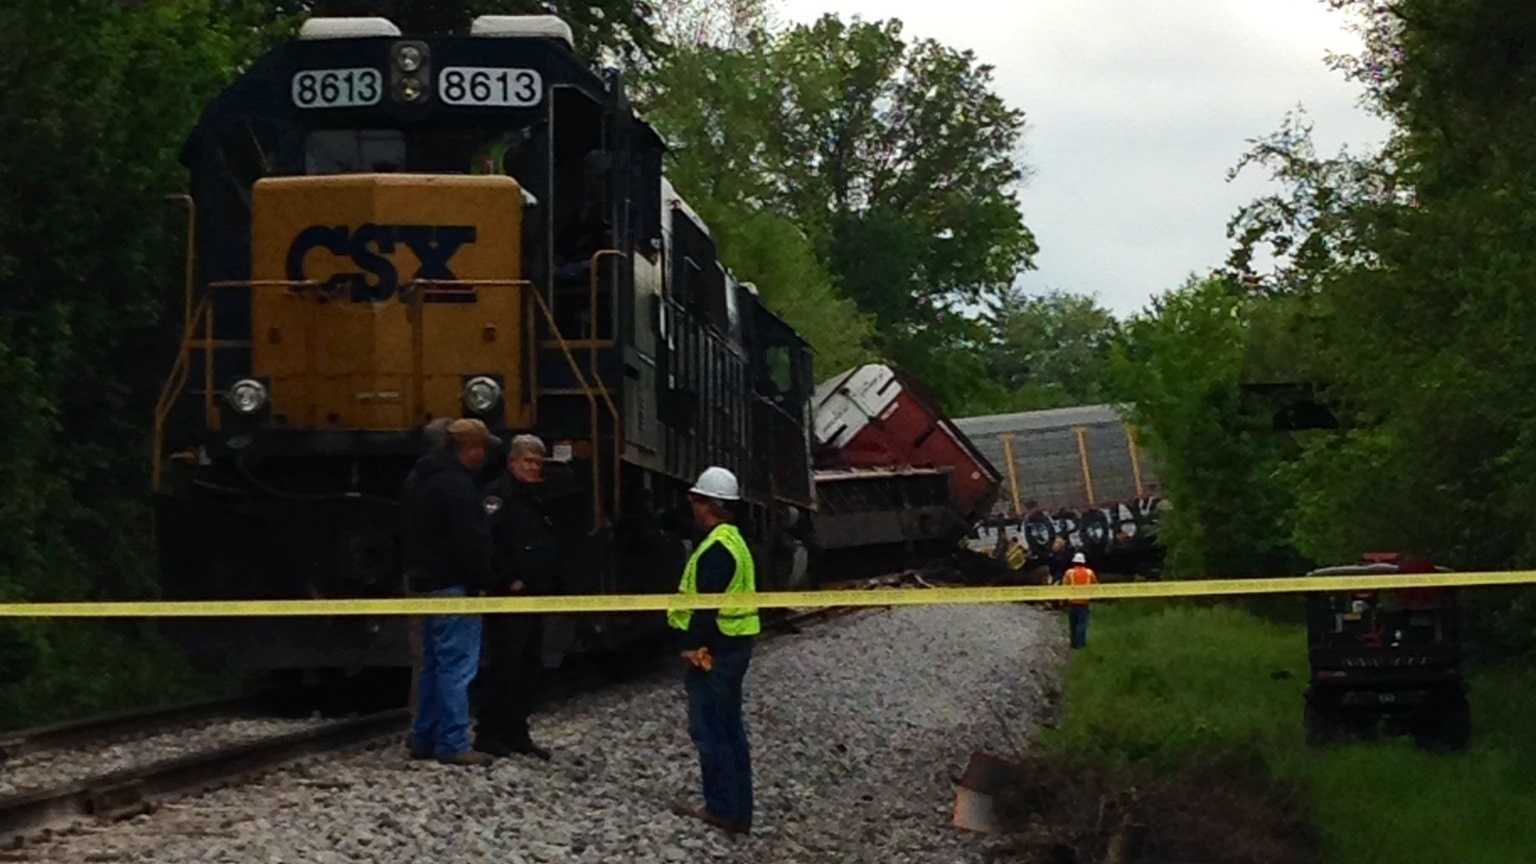 Scottsburg derailment